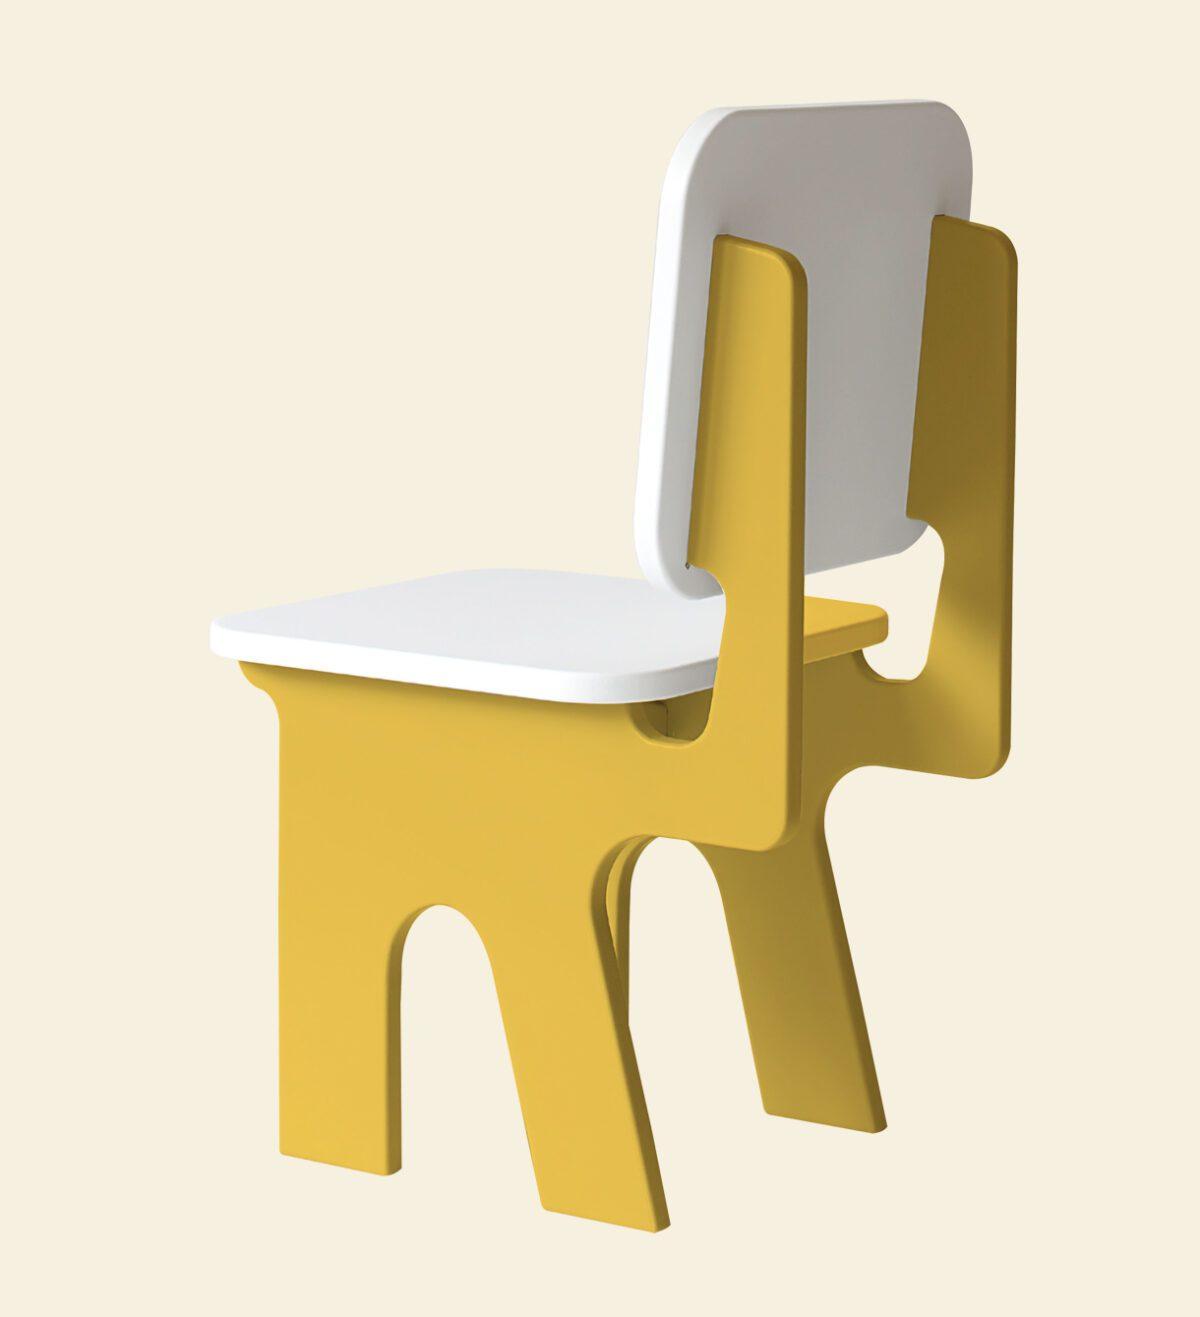 Kinderstoel Dipperdee geel Jindl